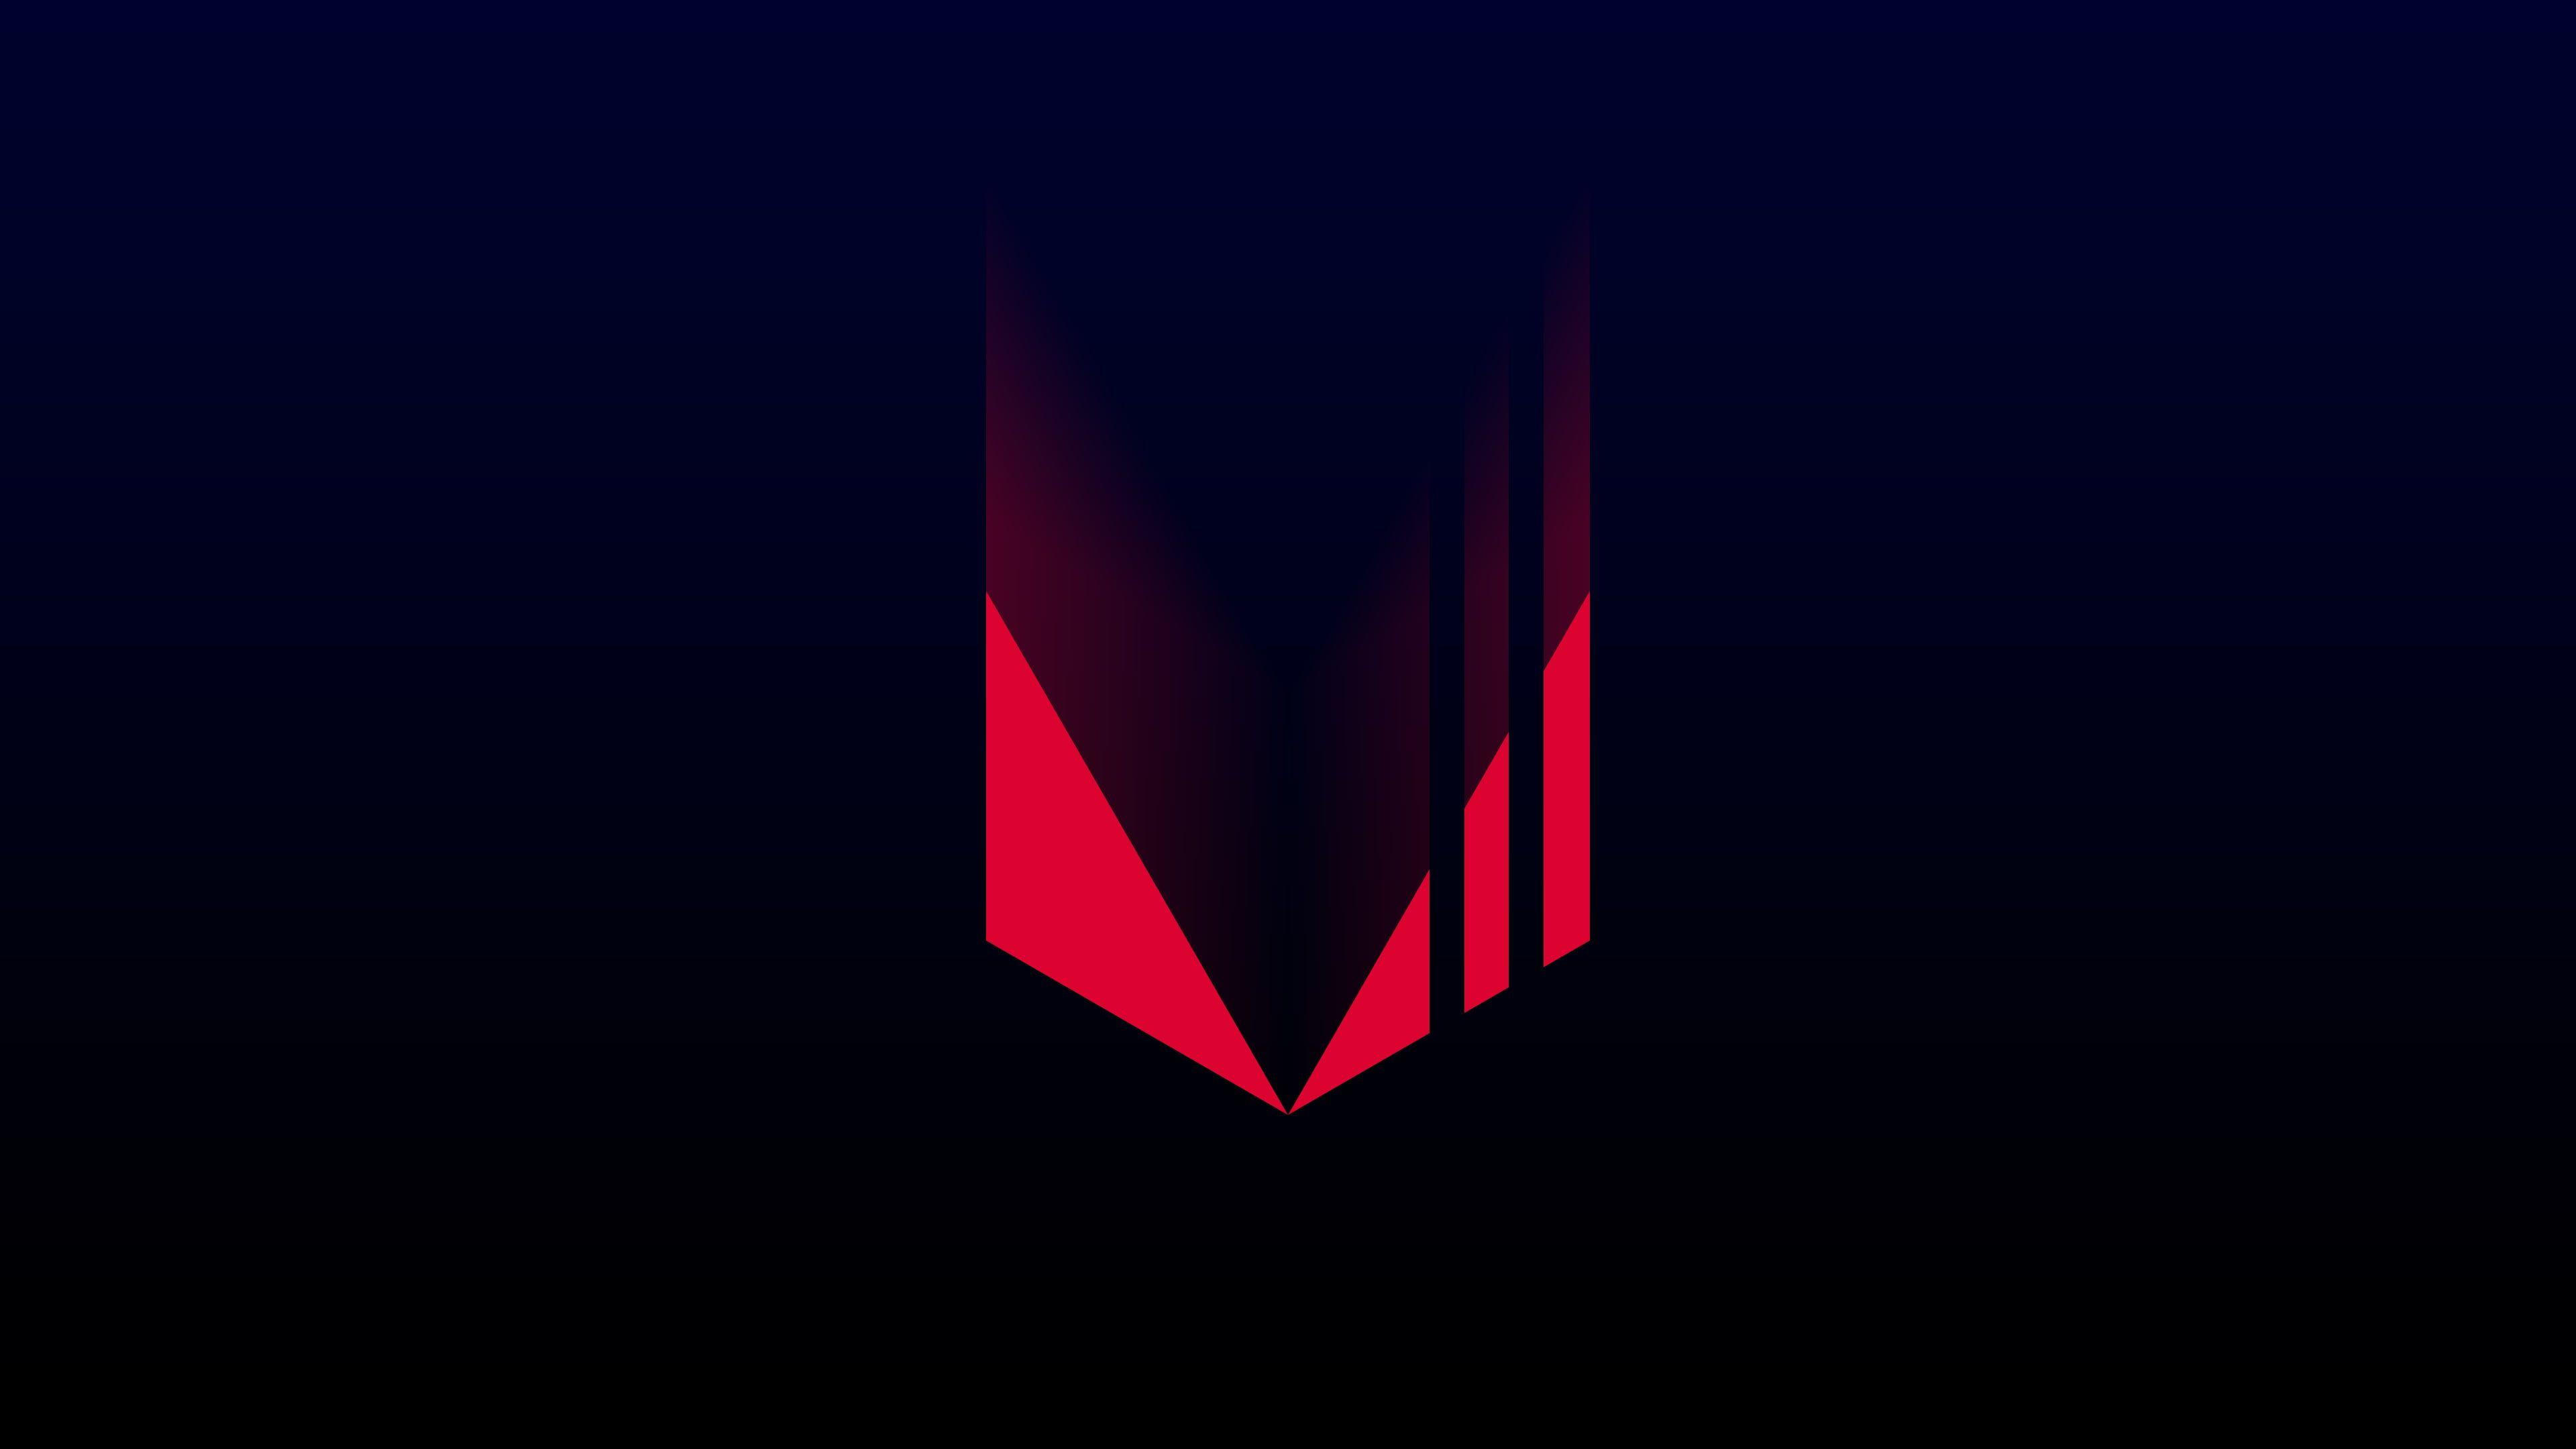 Amd Vega Radeonvii Minimalism Gpu Gpus Radeon 4k Wallpaper Hdwallpaper Desktop In 2020 Gaming Wallpapers Hd Wallpaper Wallpaper